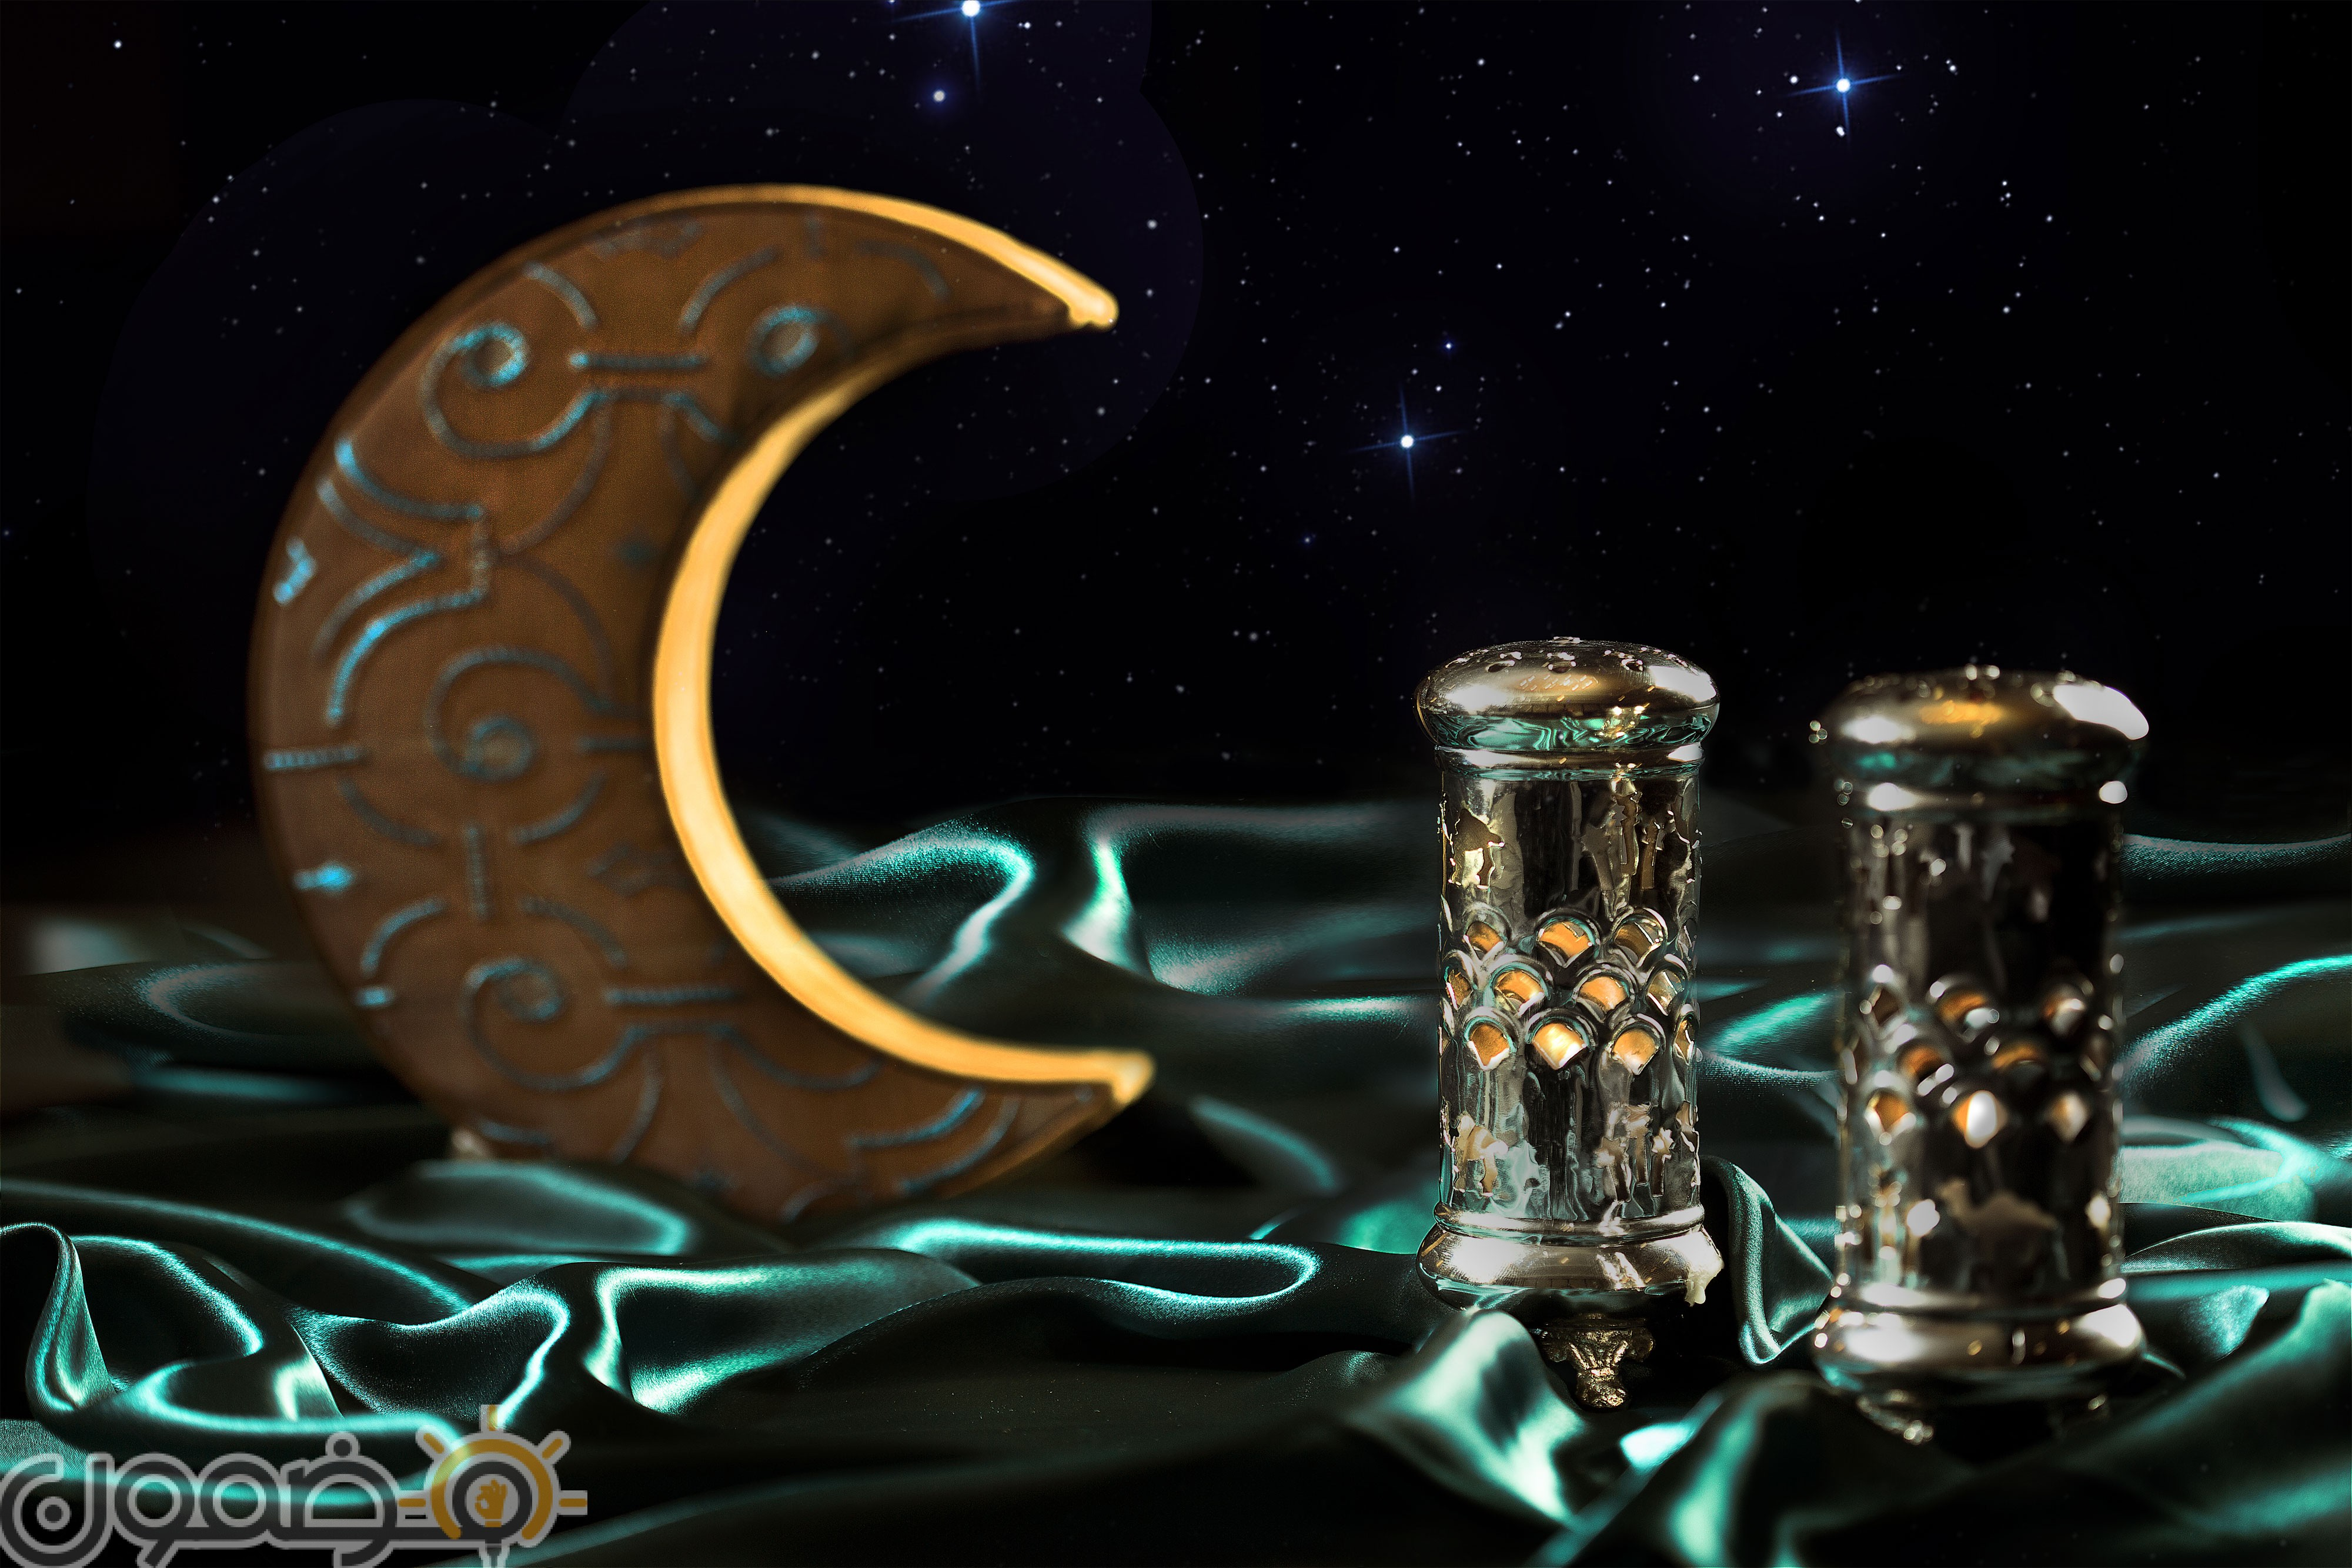 خلفيات رمضان مبارك 7 خلفيات رمضان مبارك صور رمضانية جديدة